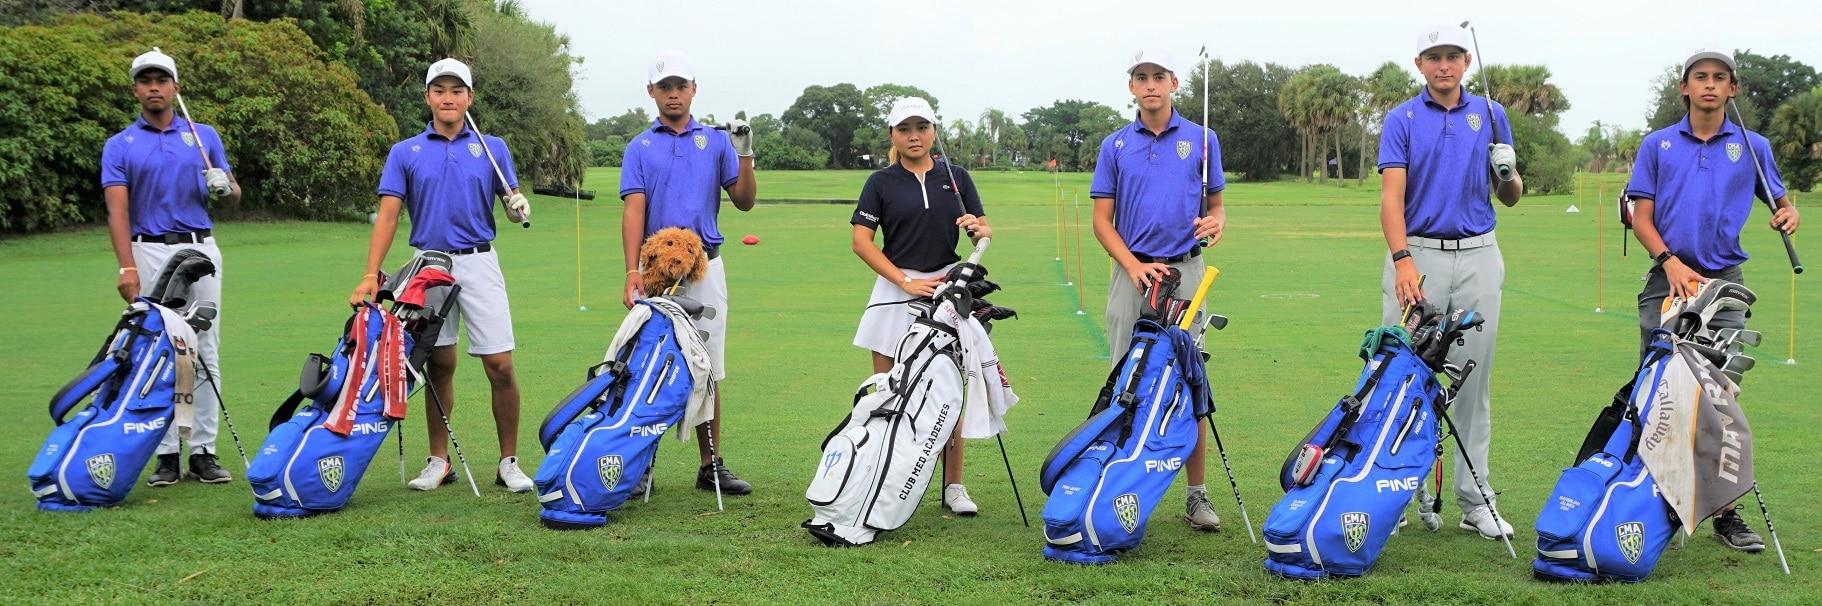 Club Med Academies - Golf